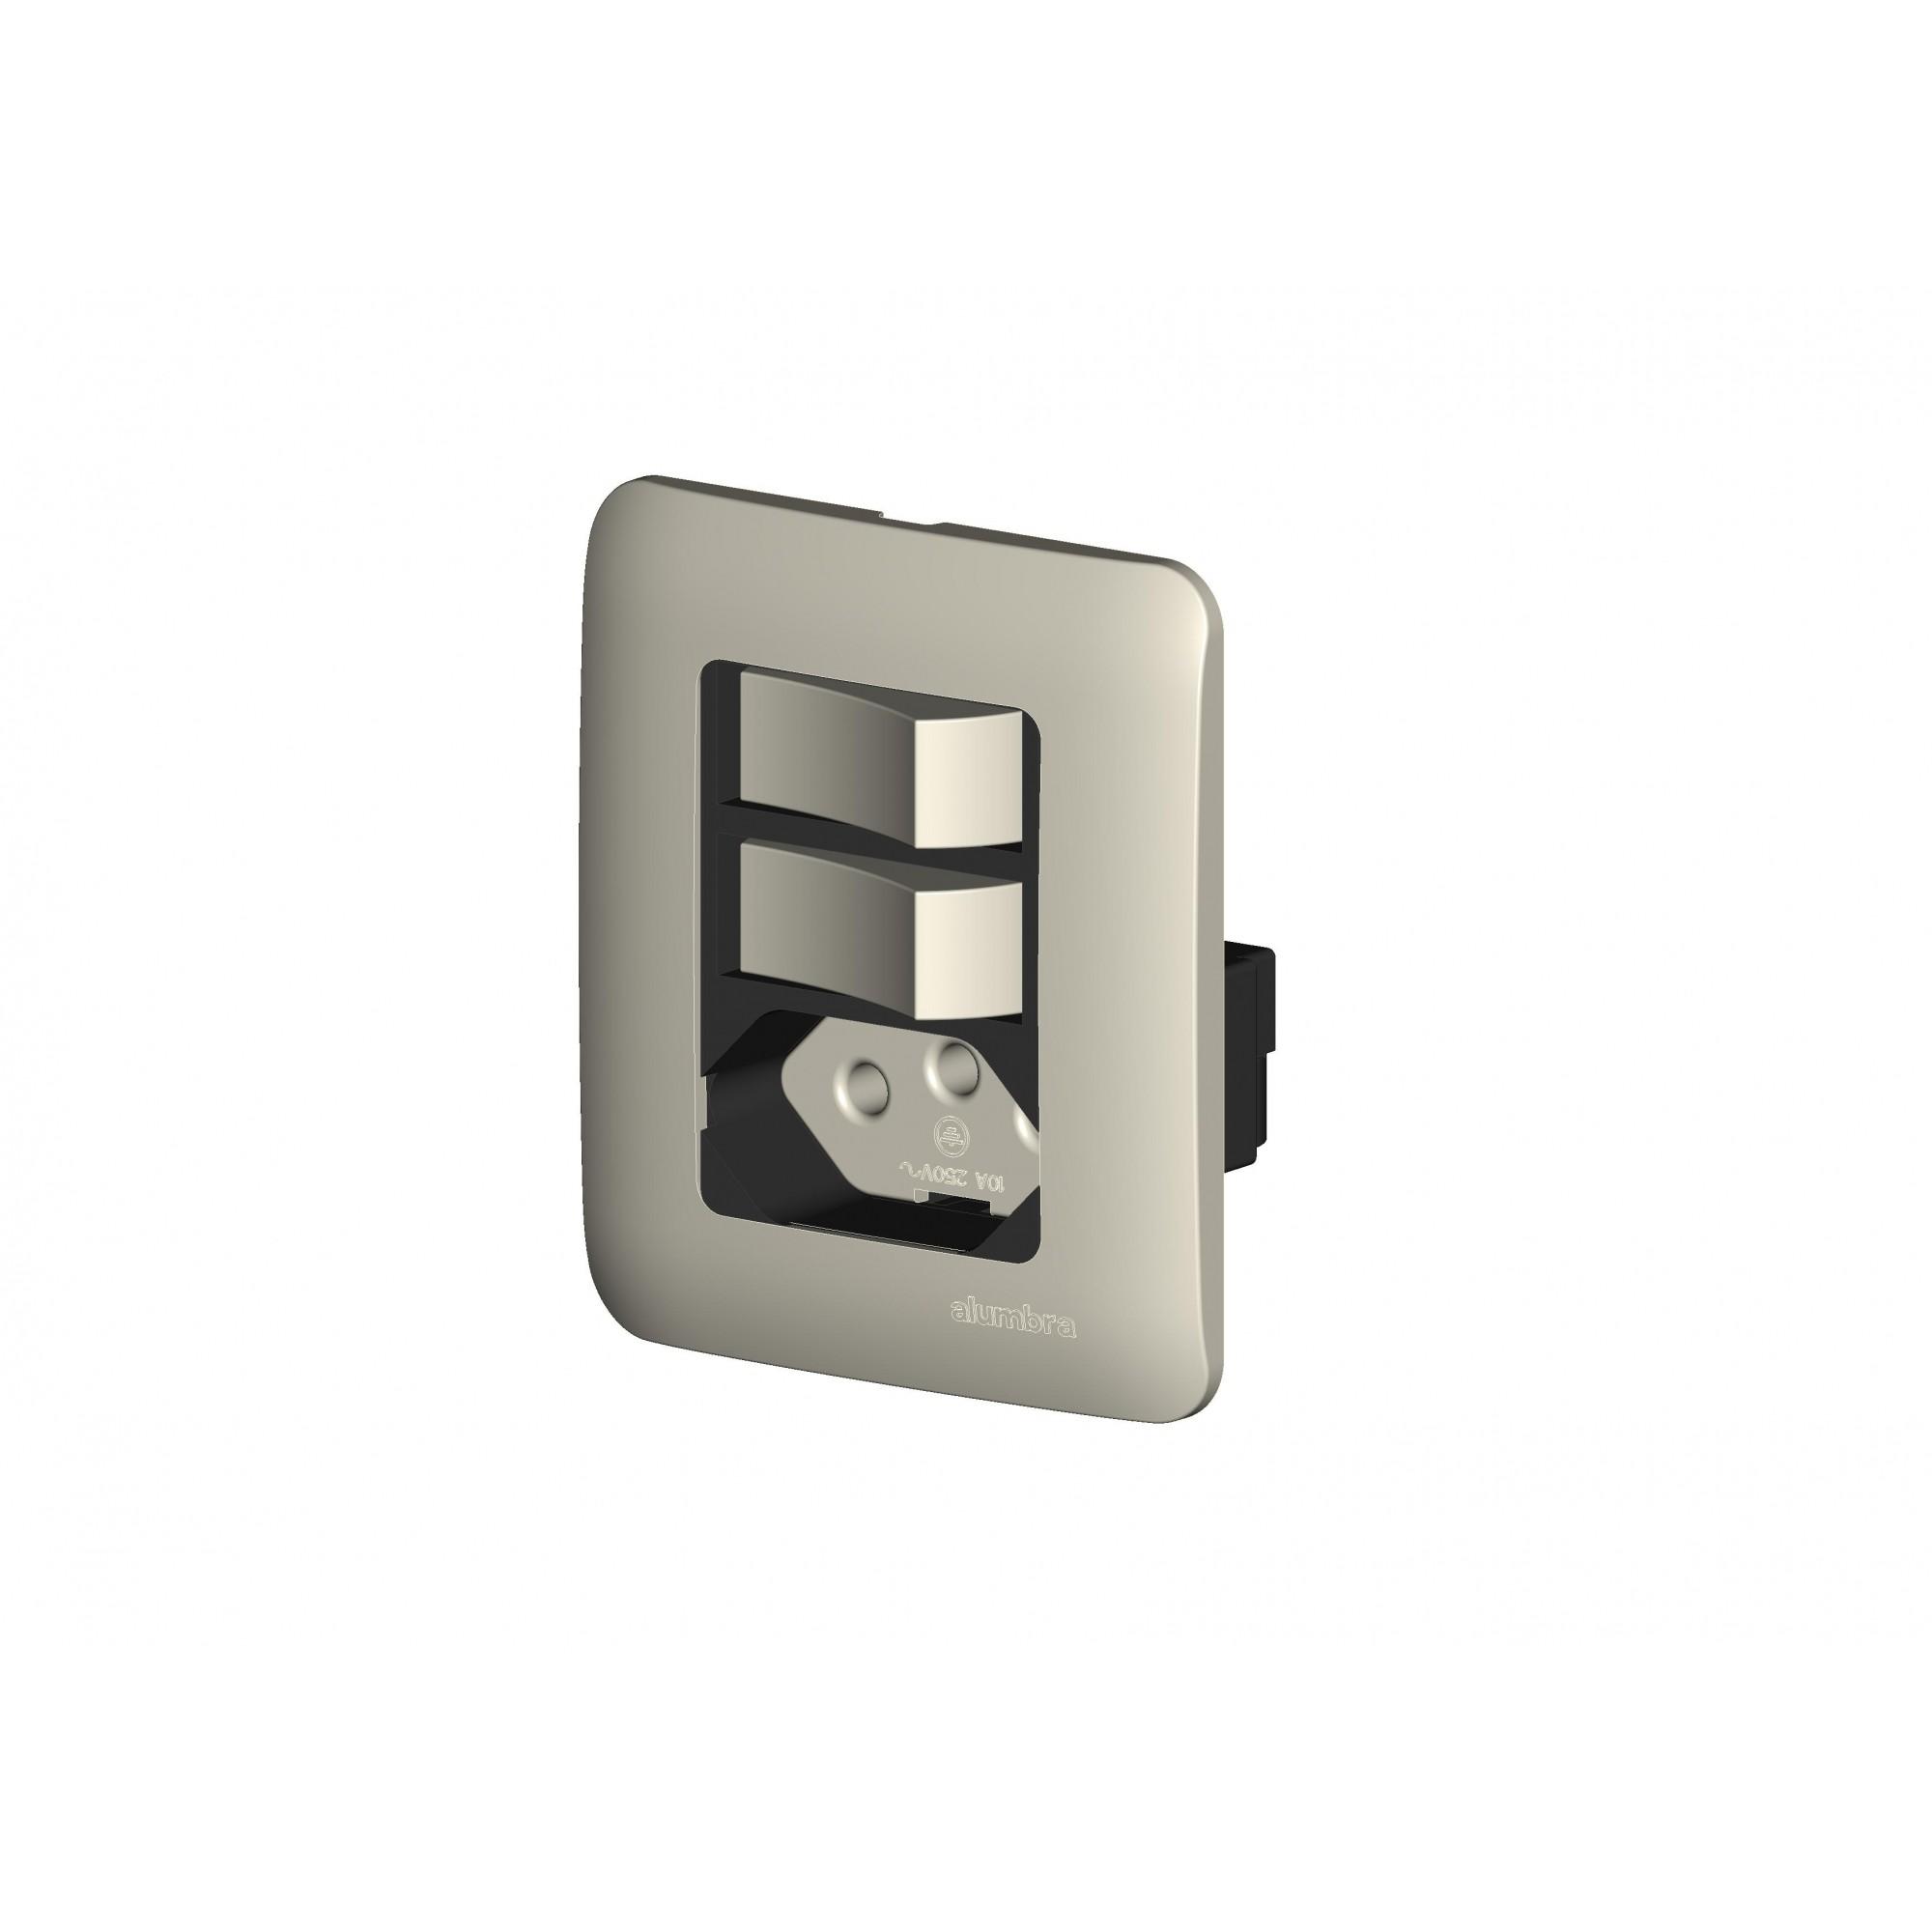 Conjunto De Sobrepor 2 Interruptores Paralelo  Elos + 1 Tomada 2P+T 10A Com  Placa - Branco - Alumbra - Linha A